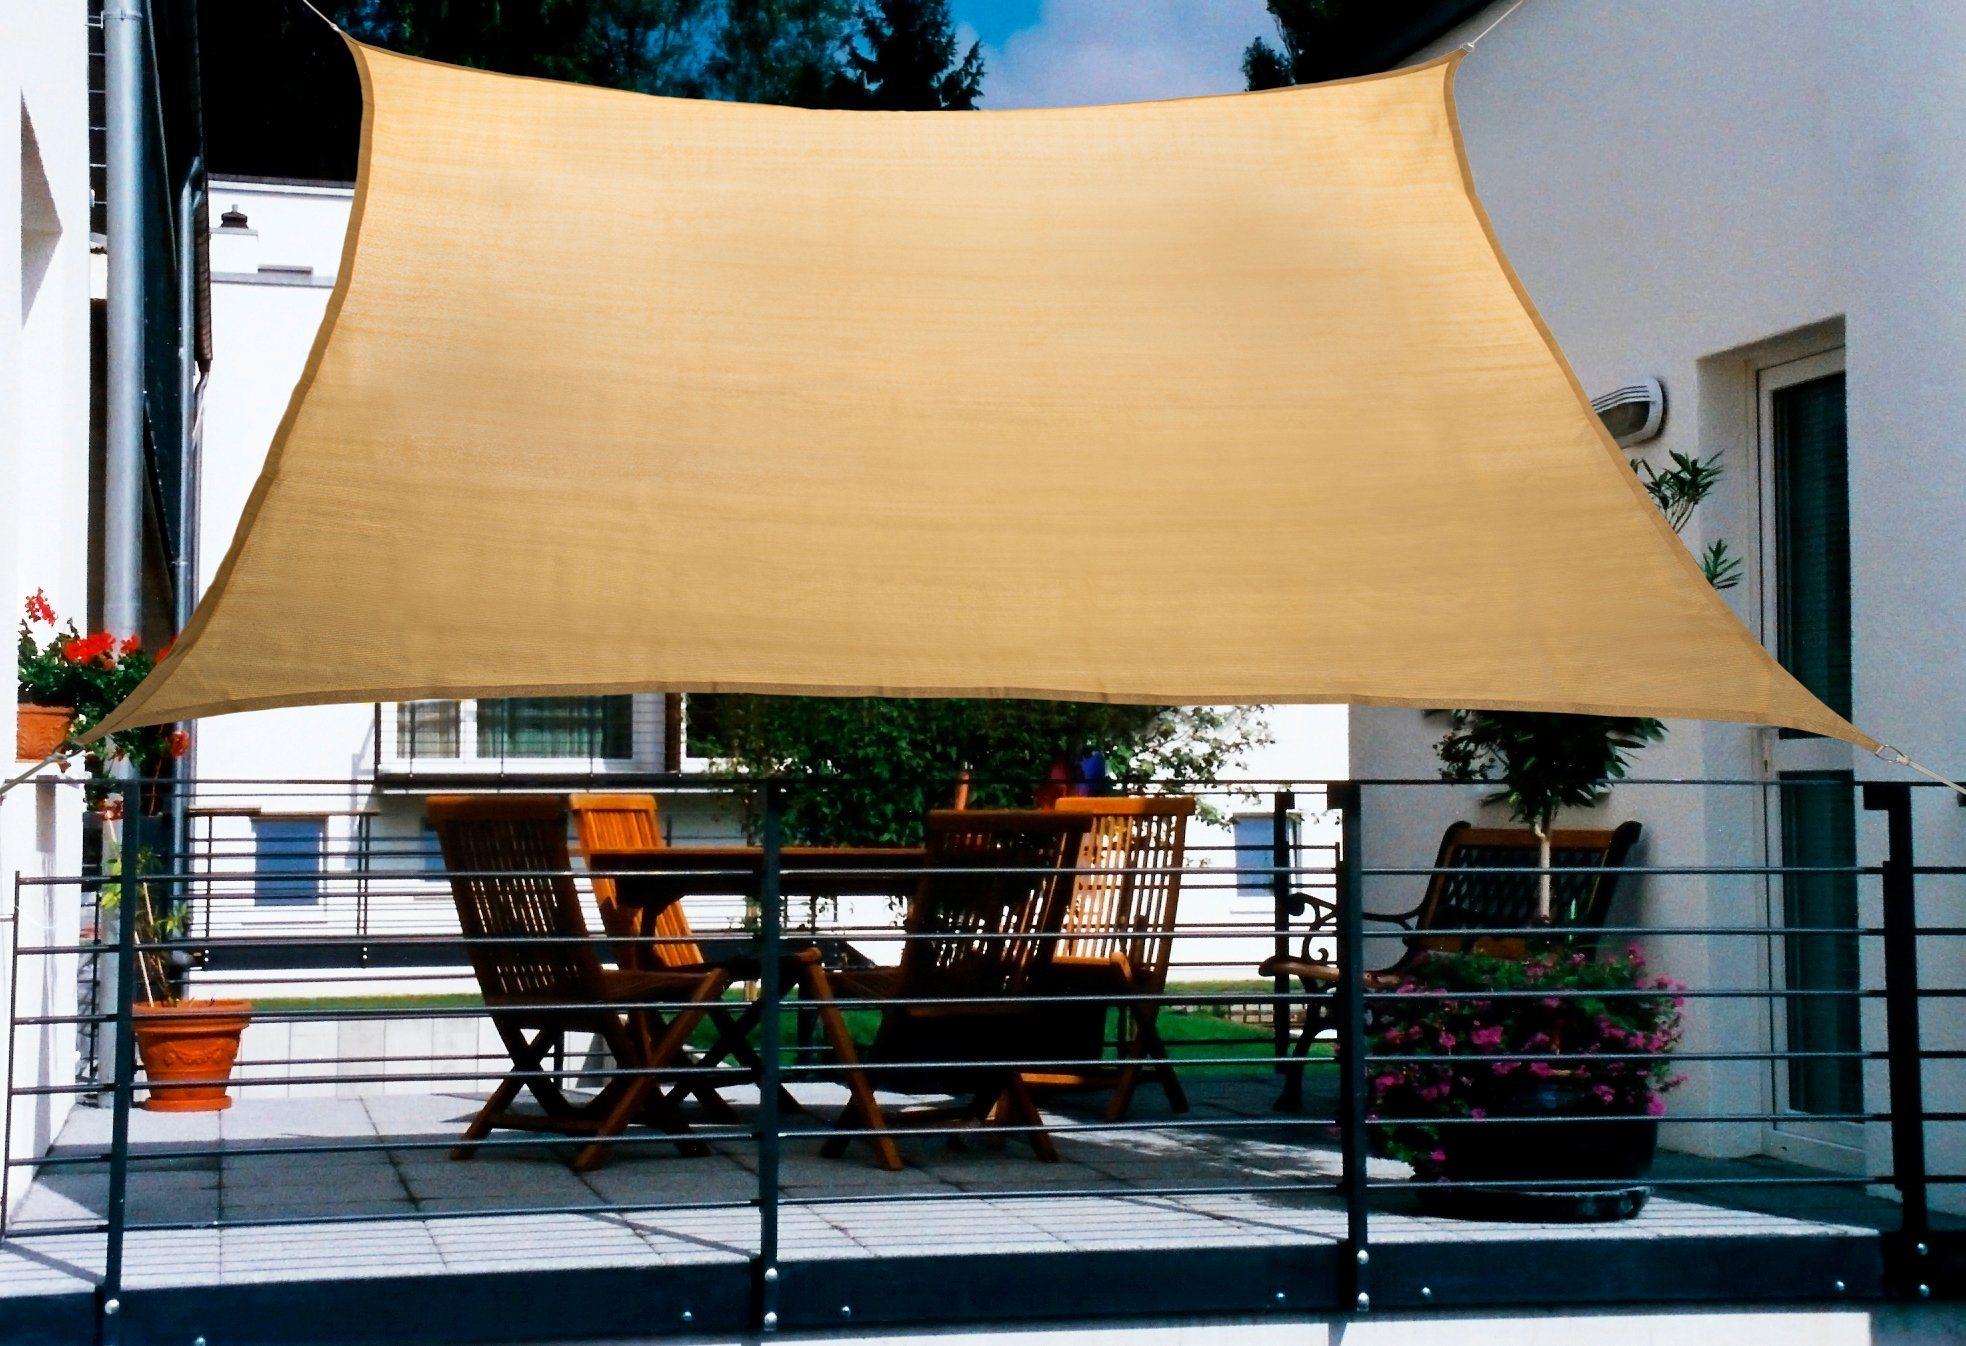 FLORACORD Sonnensegel , BxL: 270x140 cm, weizenfarben | Garten > Sonnenschirme und Markisen > Sonnensegel | Polyethylen | Floracord